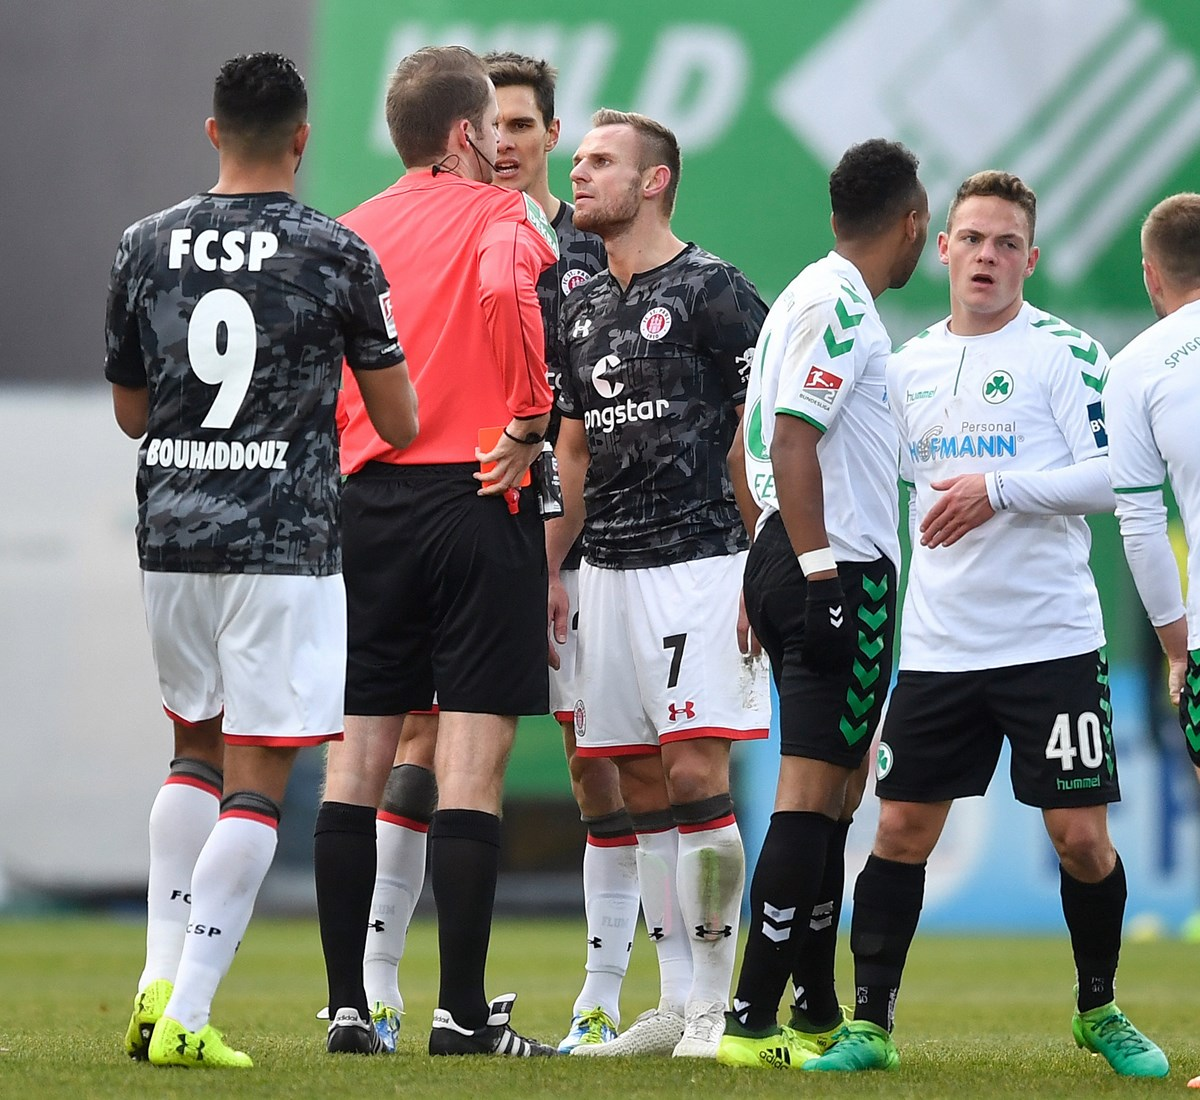 Die 63. Minute beim Auswärtsspiel in Fürth: Schiedsrichter Dr. Martin Thomsen hat Bernd Nehrig die Gelb-Rote Karte gezeigt und damit eine lange Serie beendet.